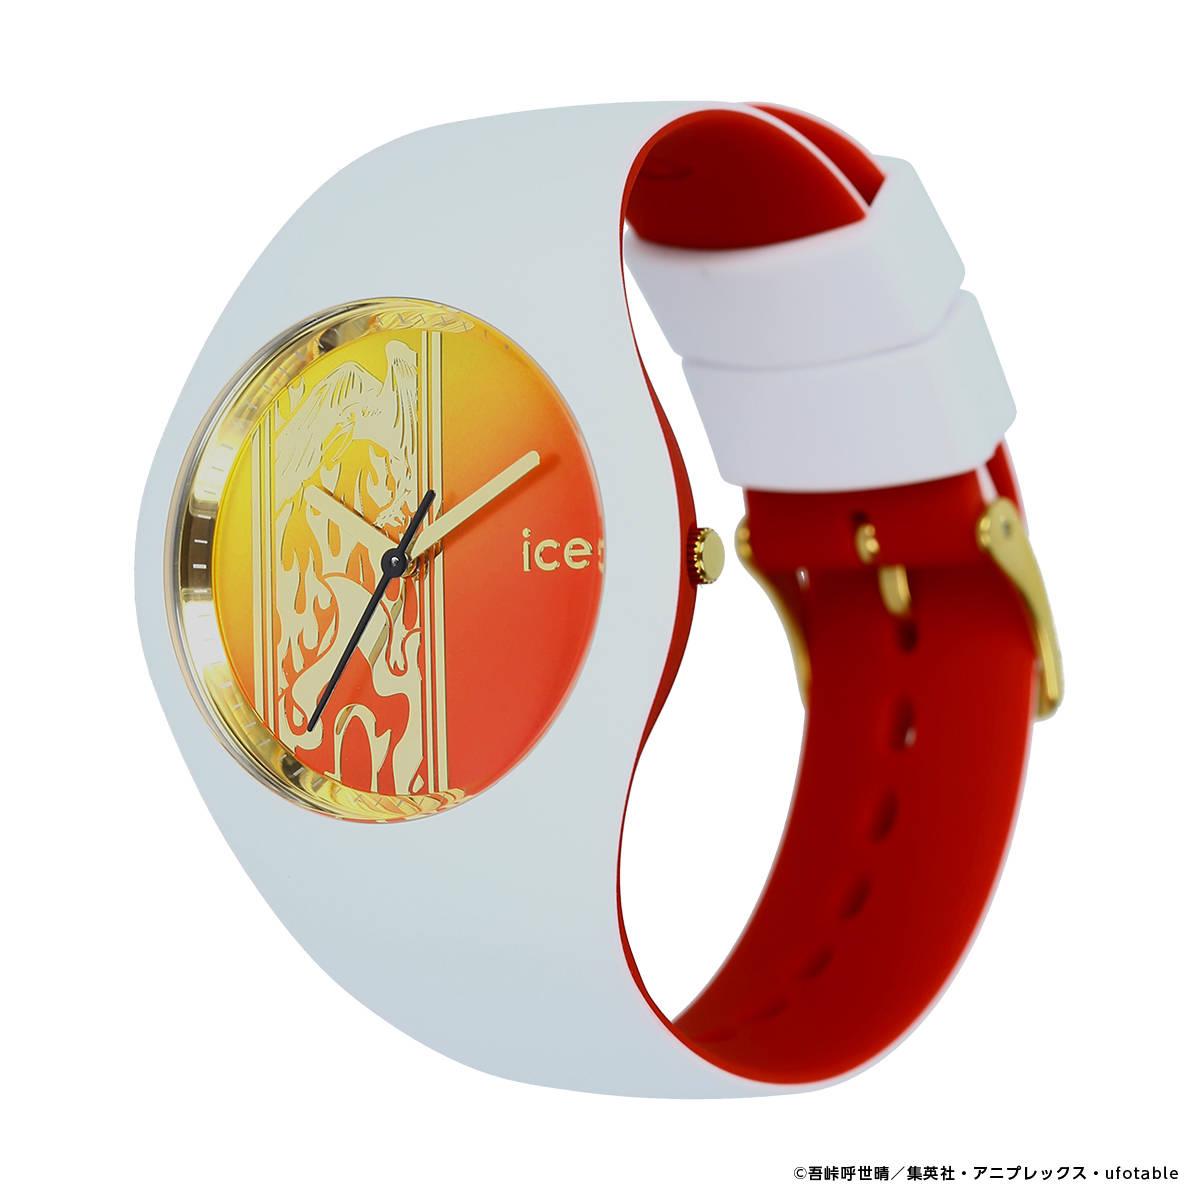 05.「鬼滅の刃」× ICE-WATCH コラボレーションウォッチ 煉獄杏寿郎 モデル